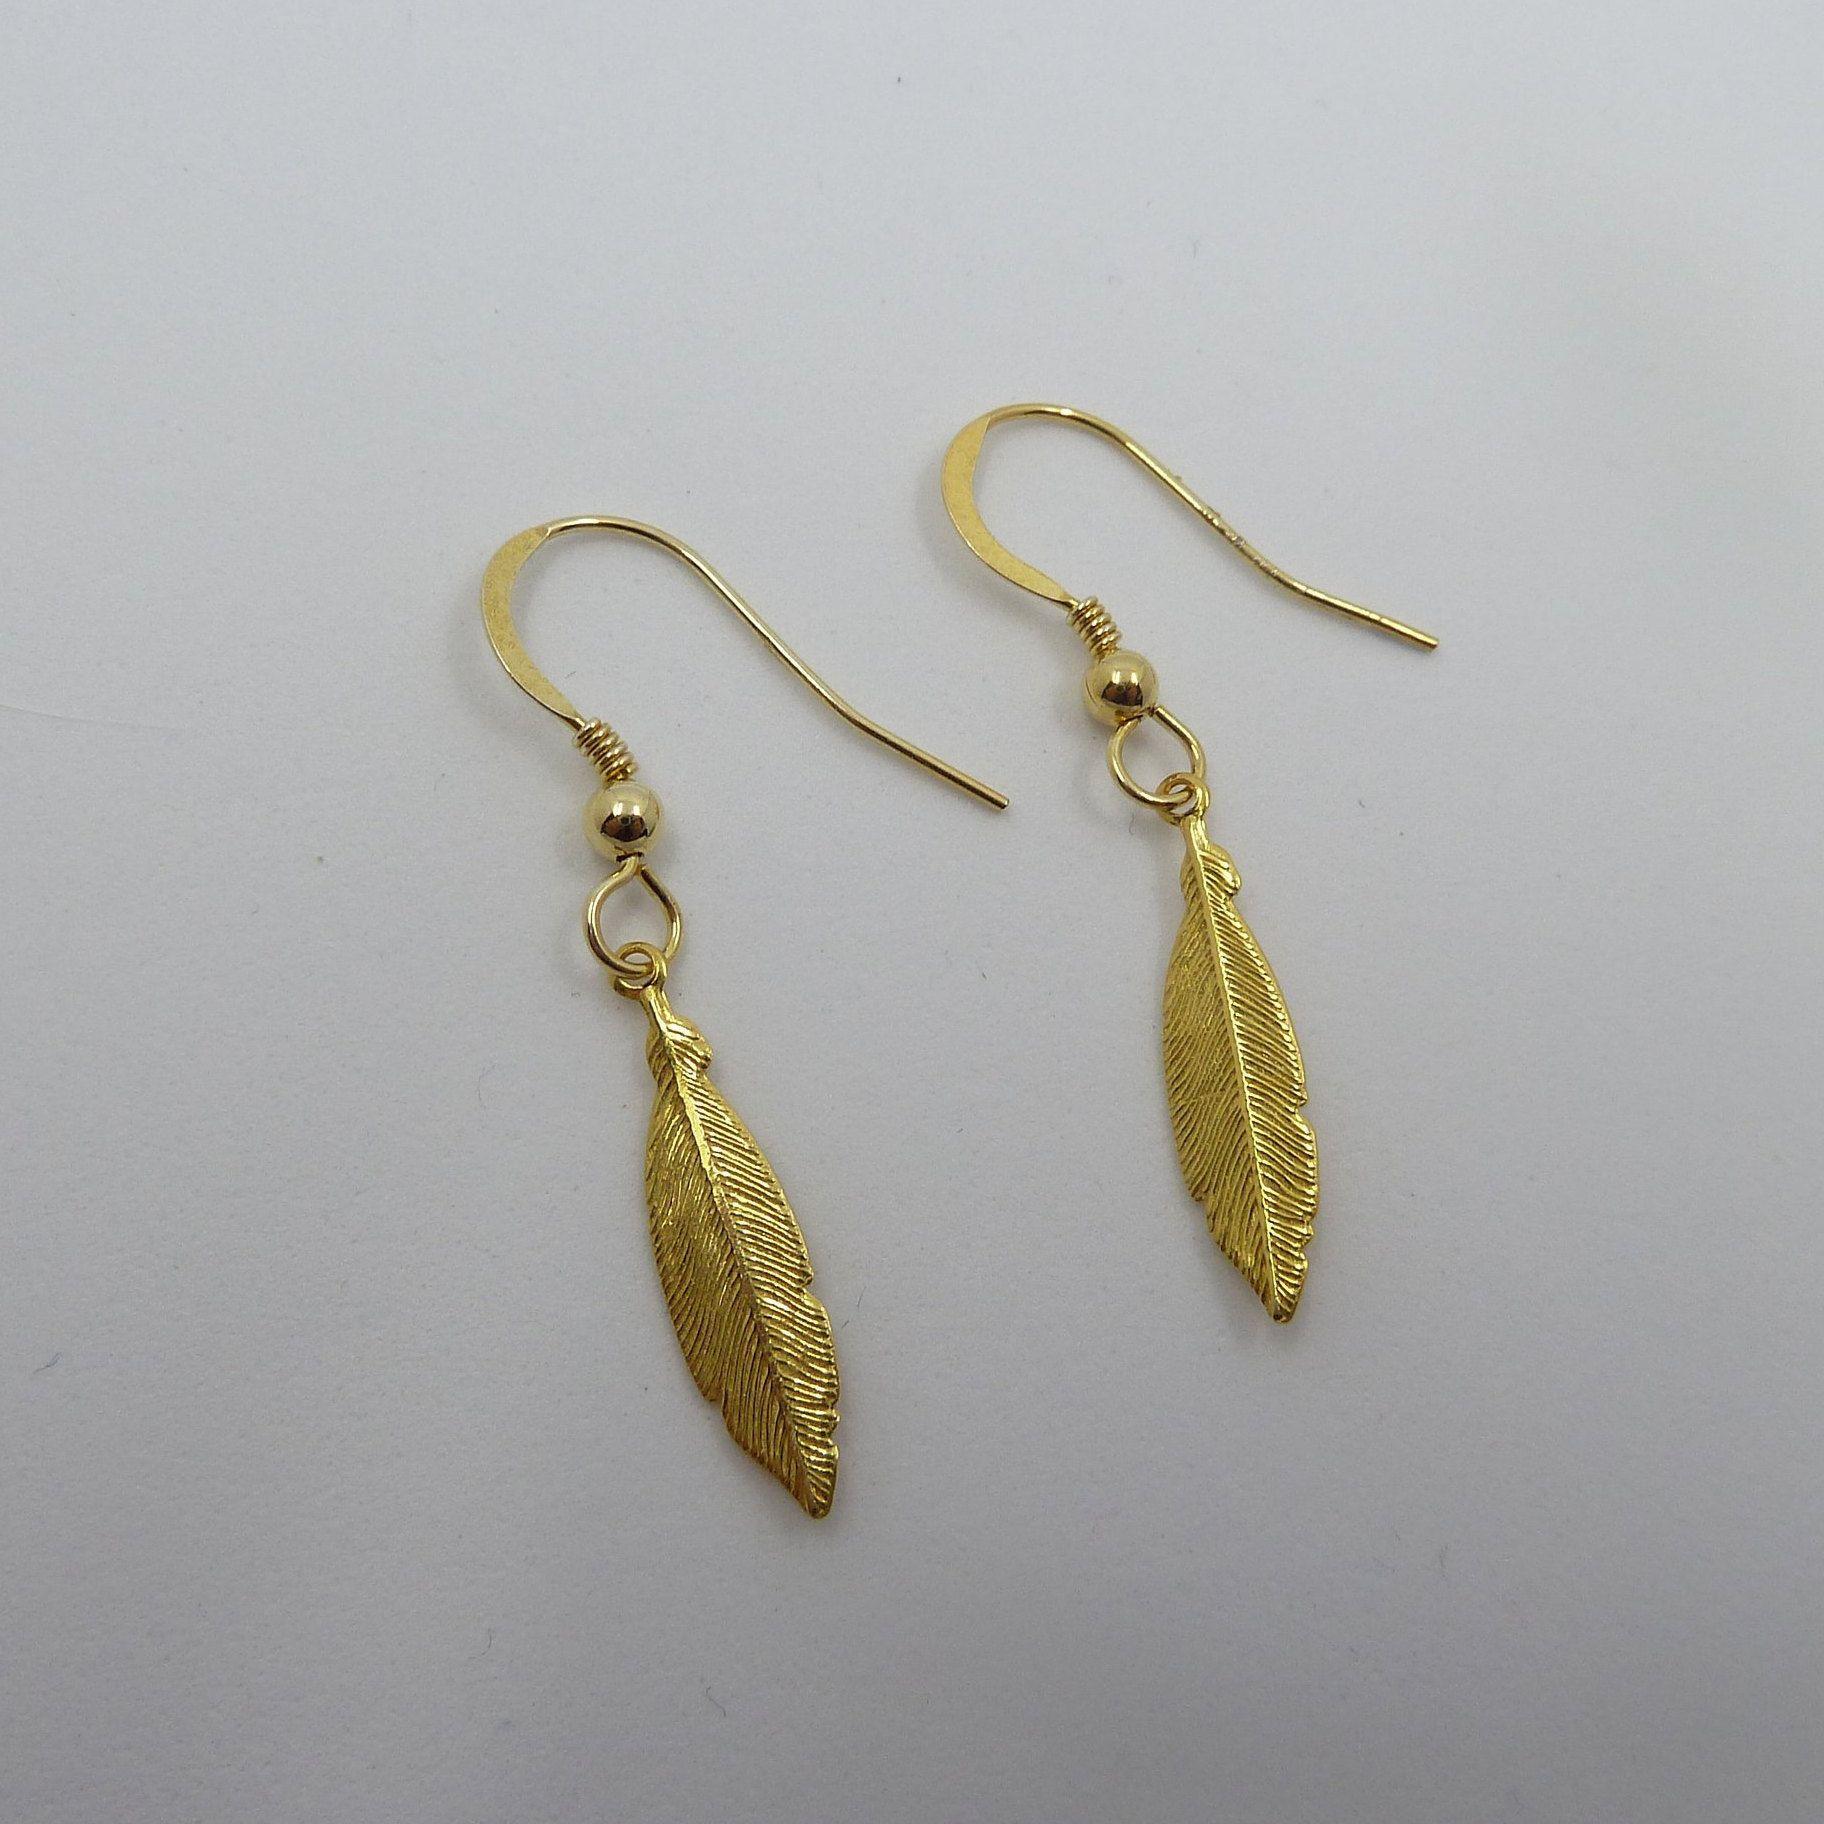 e1d4707768e5 Pendientes de pluma en plata de ley o baño oro